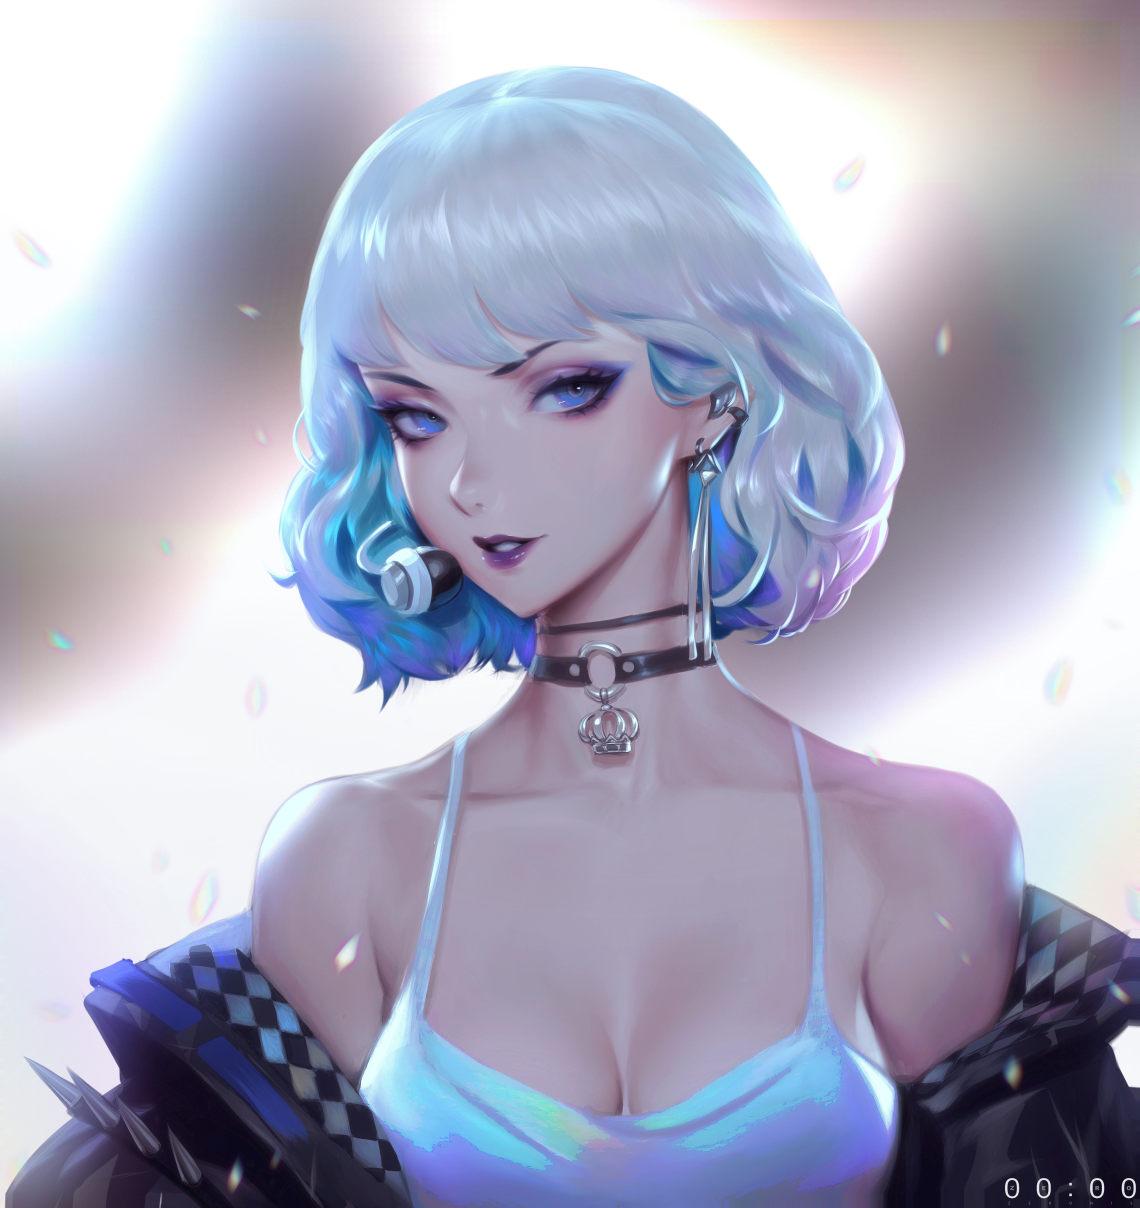 莉莉娅(美国概念画师Zeronis)